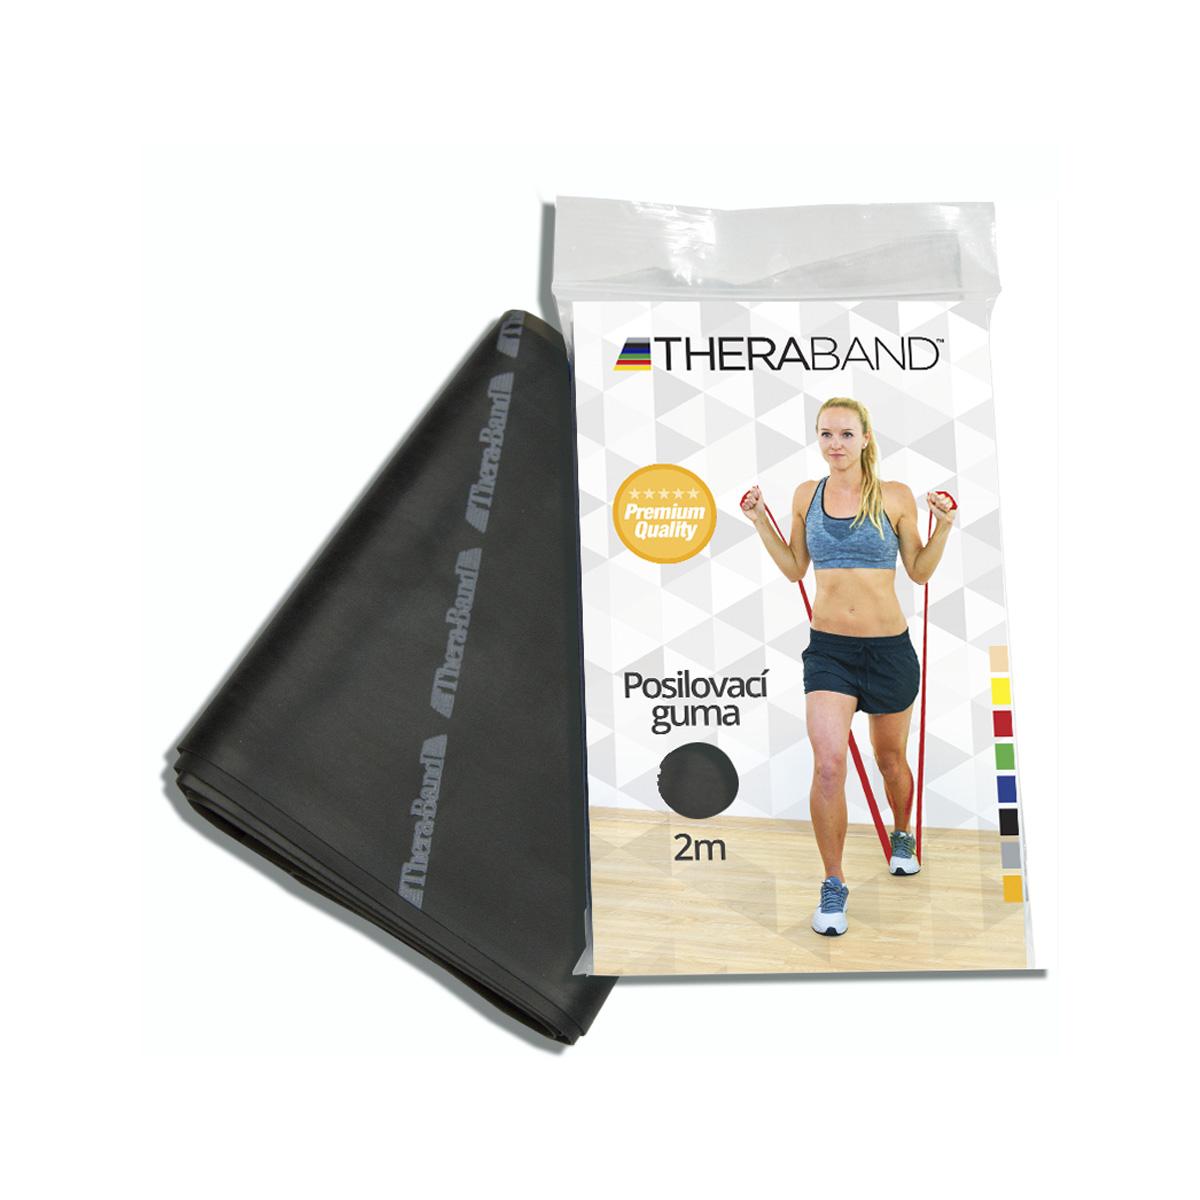 Thera-Band Posilovací guma 2 m černá - speciálně silná